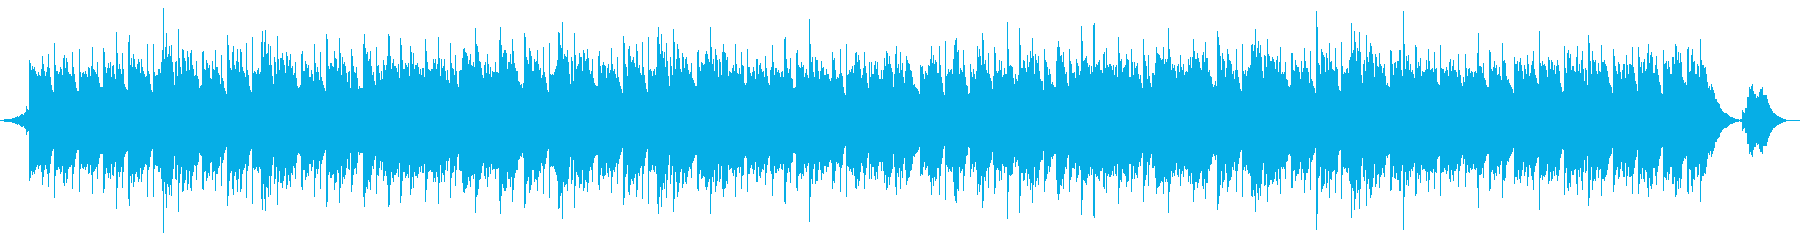 さわやかなリラックスできるヒーリング曲の再生済みの波形